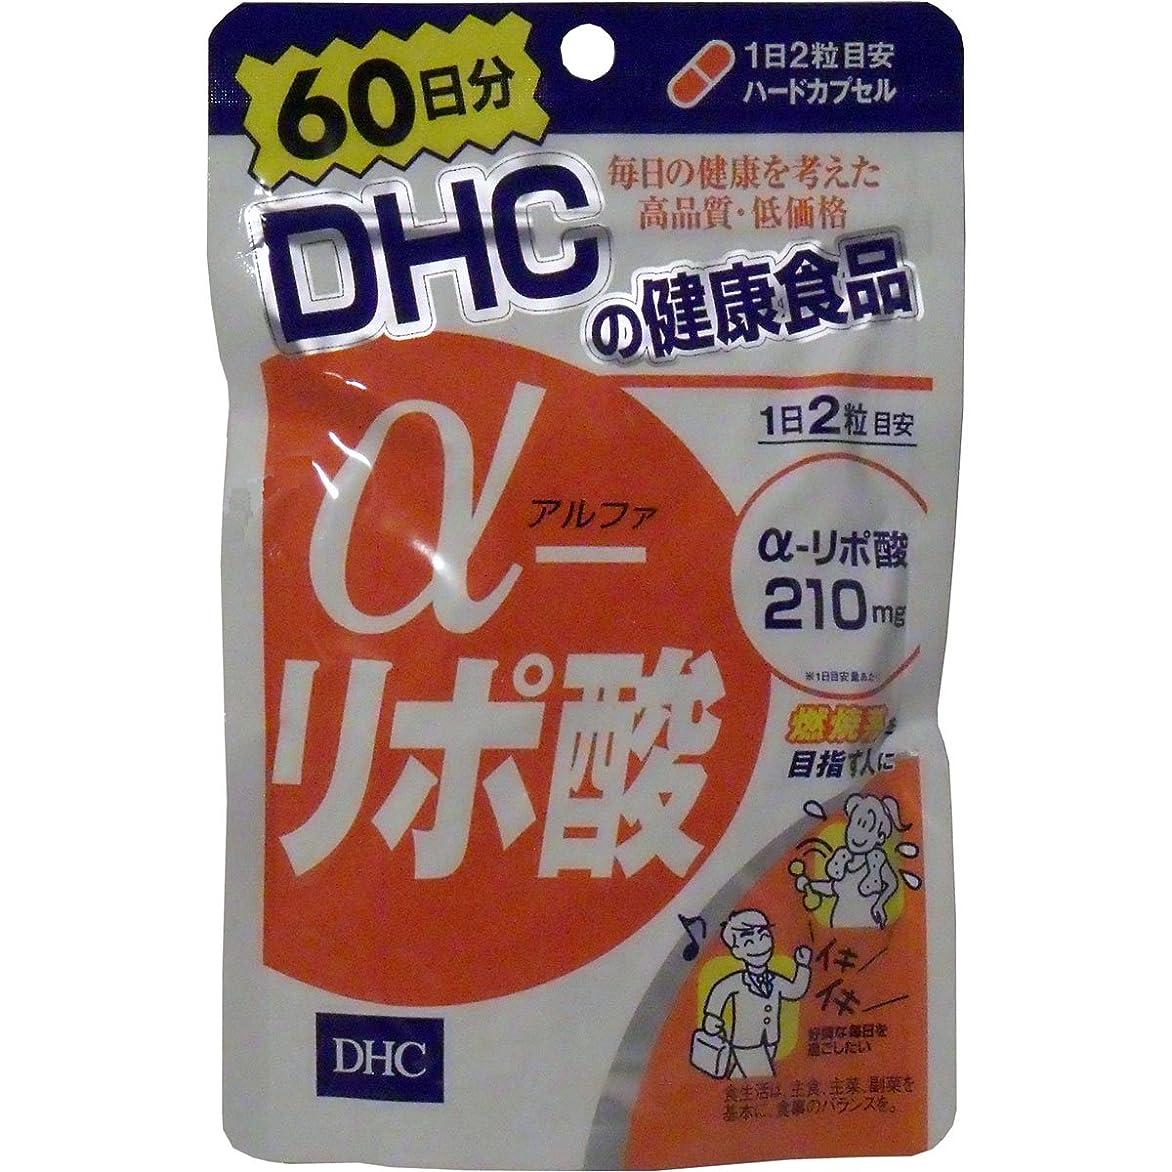 すばらしいです狂人里親【???便】DHC α-リポ酸 60日分(120粒)×4個セット